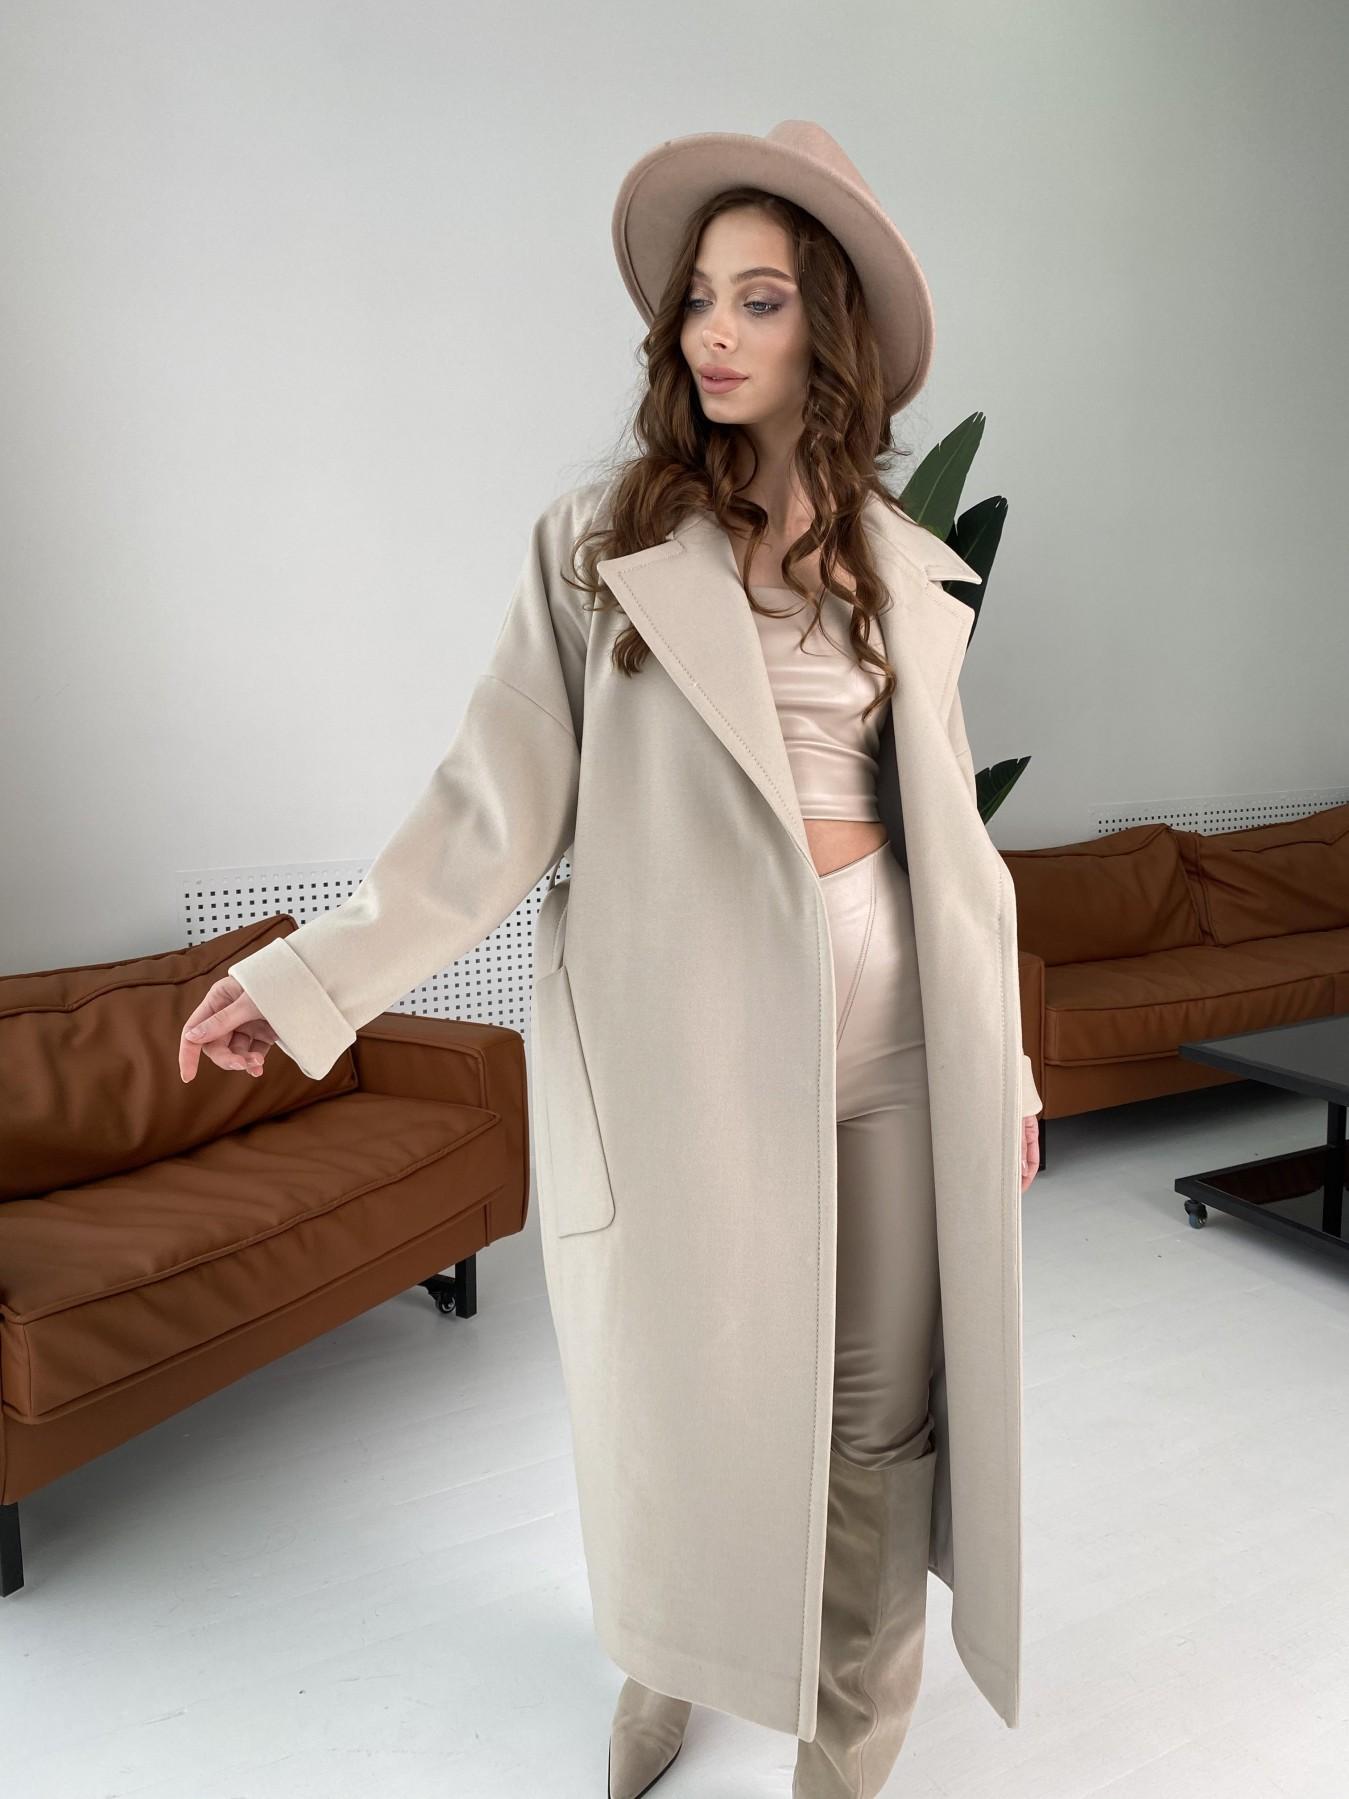 Кейт  пальто из кашемира 10539 АРТ. 46990 Цвет: Бежевый Светлый - фото 5, интернет магазин tm-modus.ru